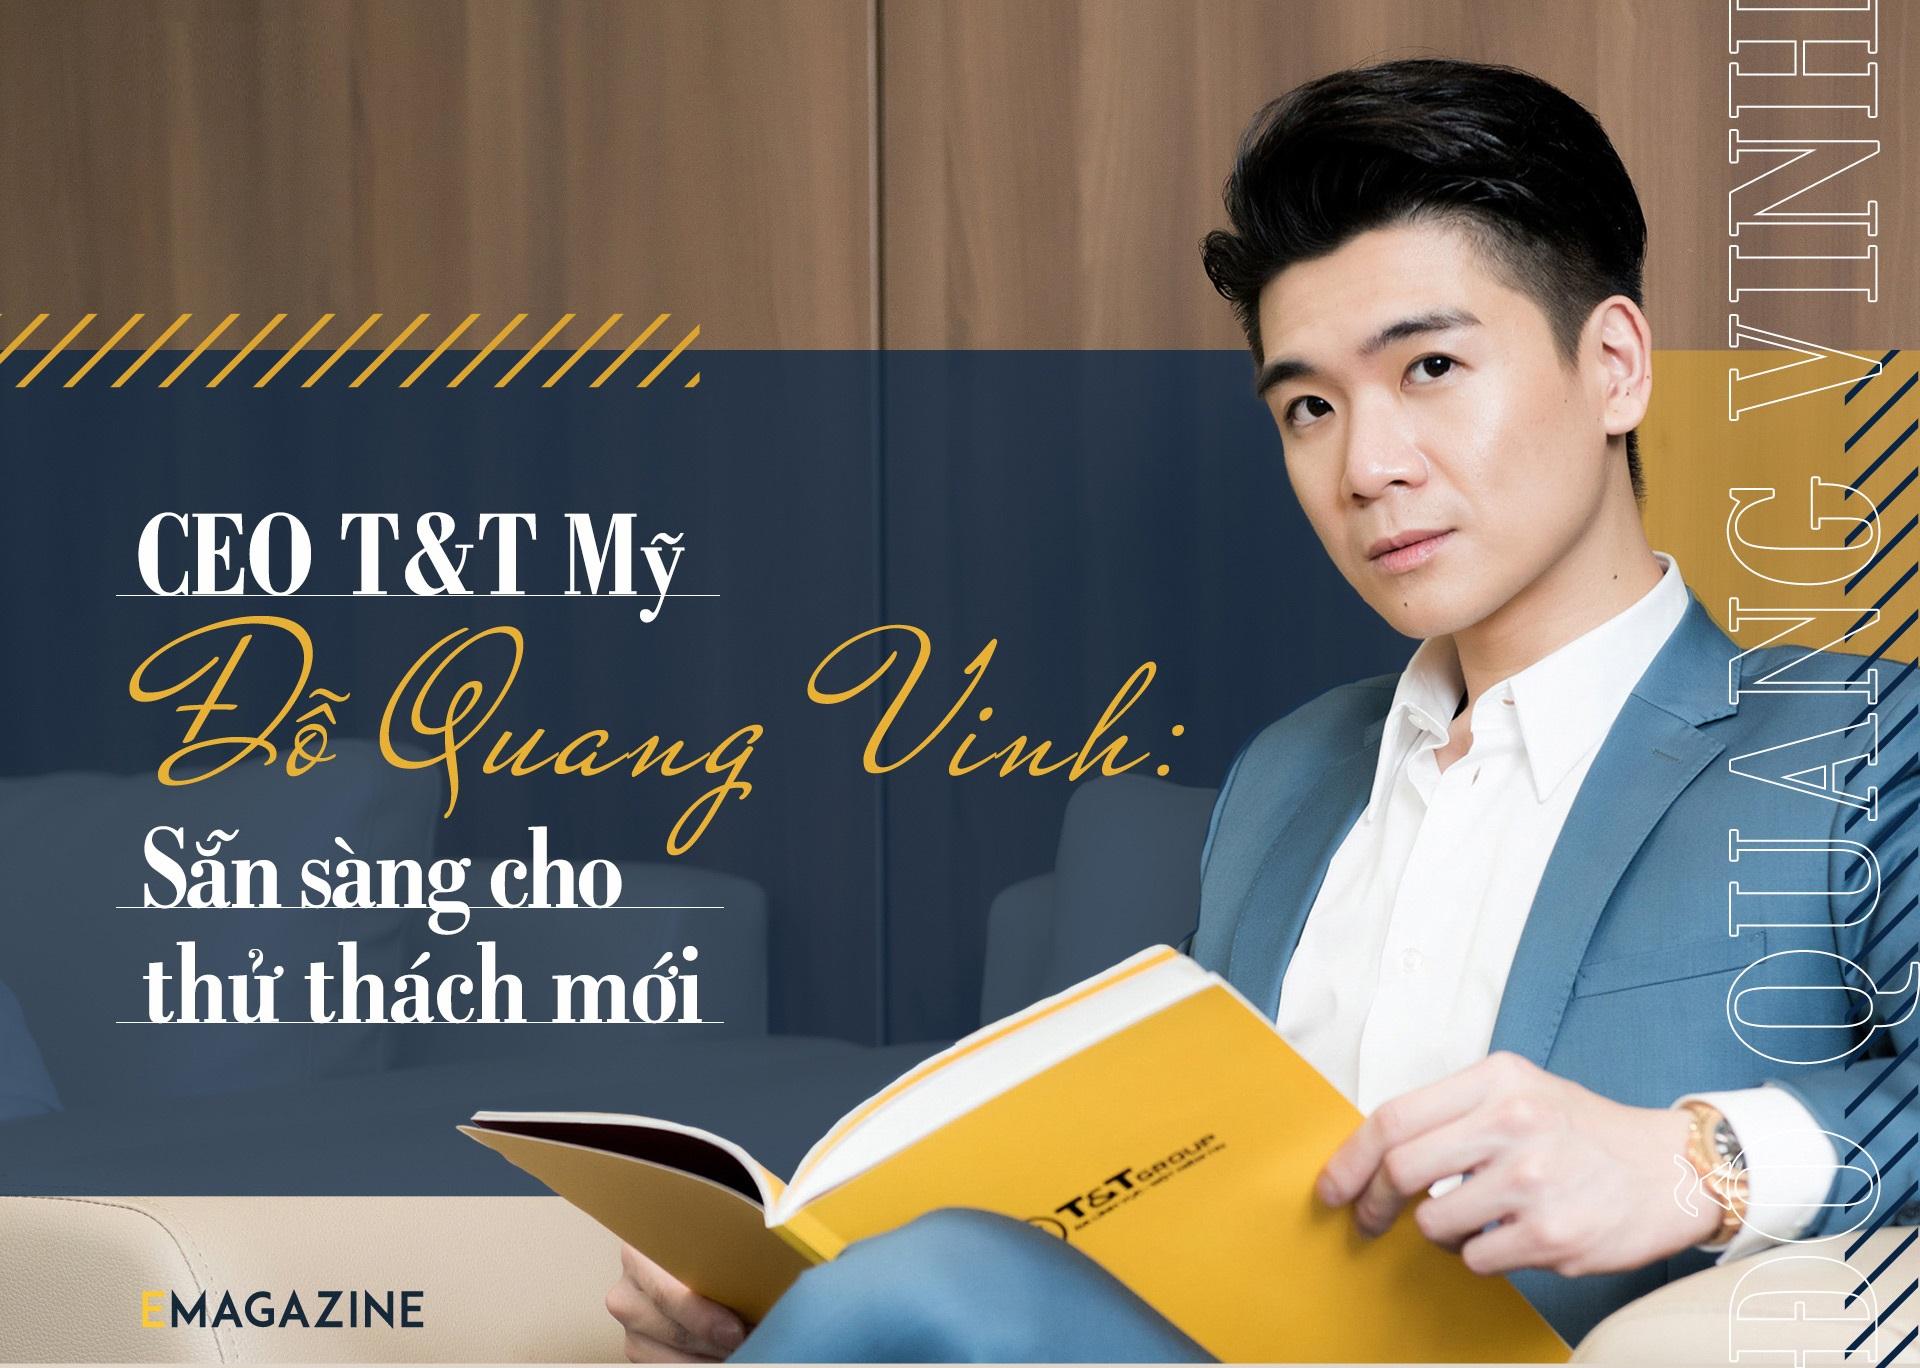 CEO T&T Mỹ Đỗ Quang Vinh: Sẵn sàng cho thử thách mới